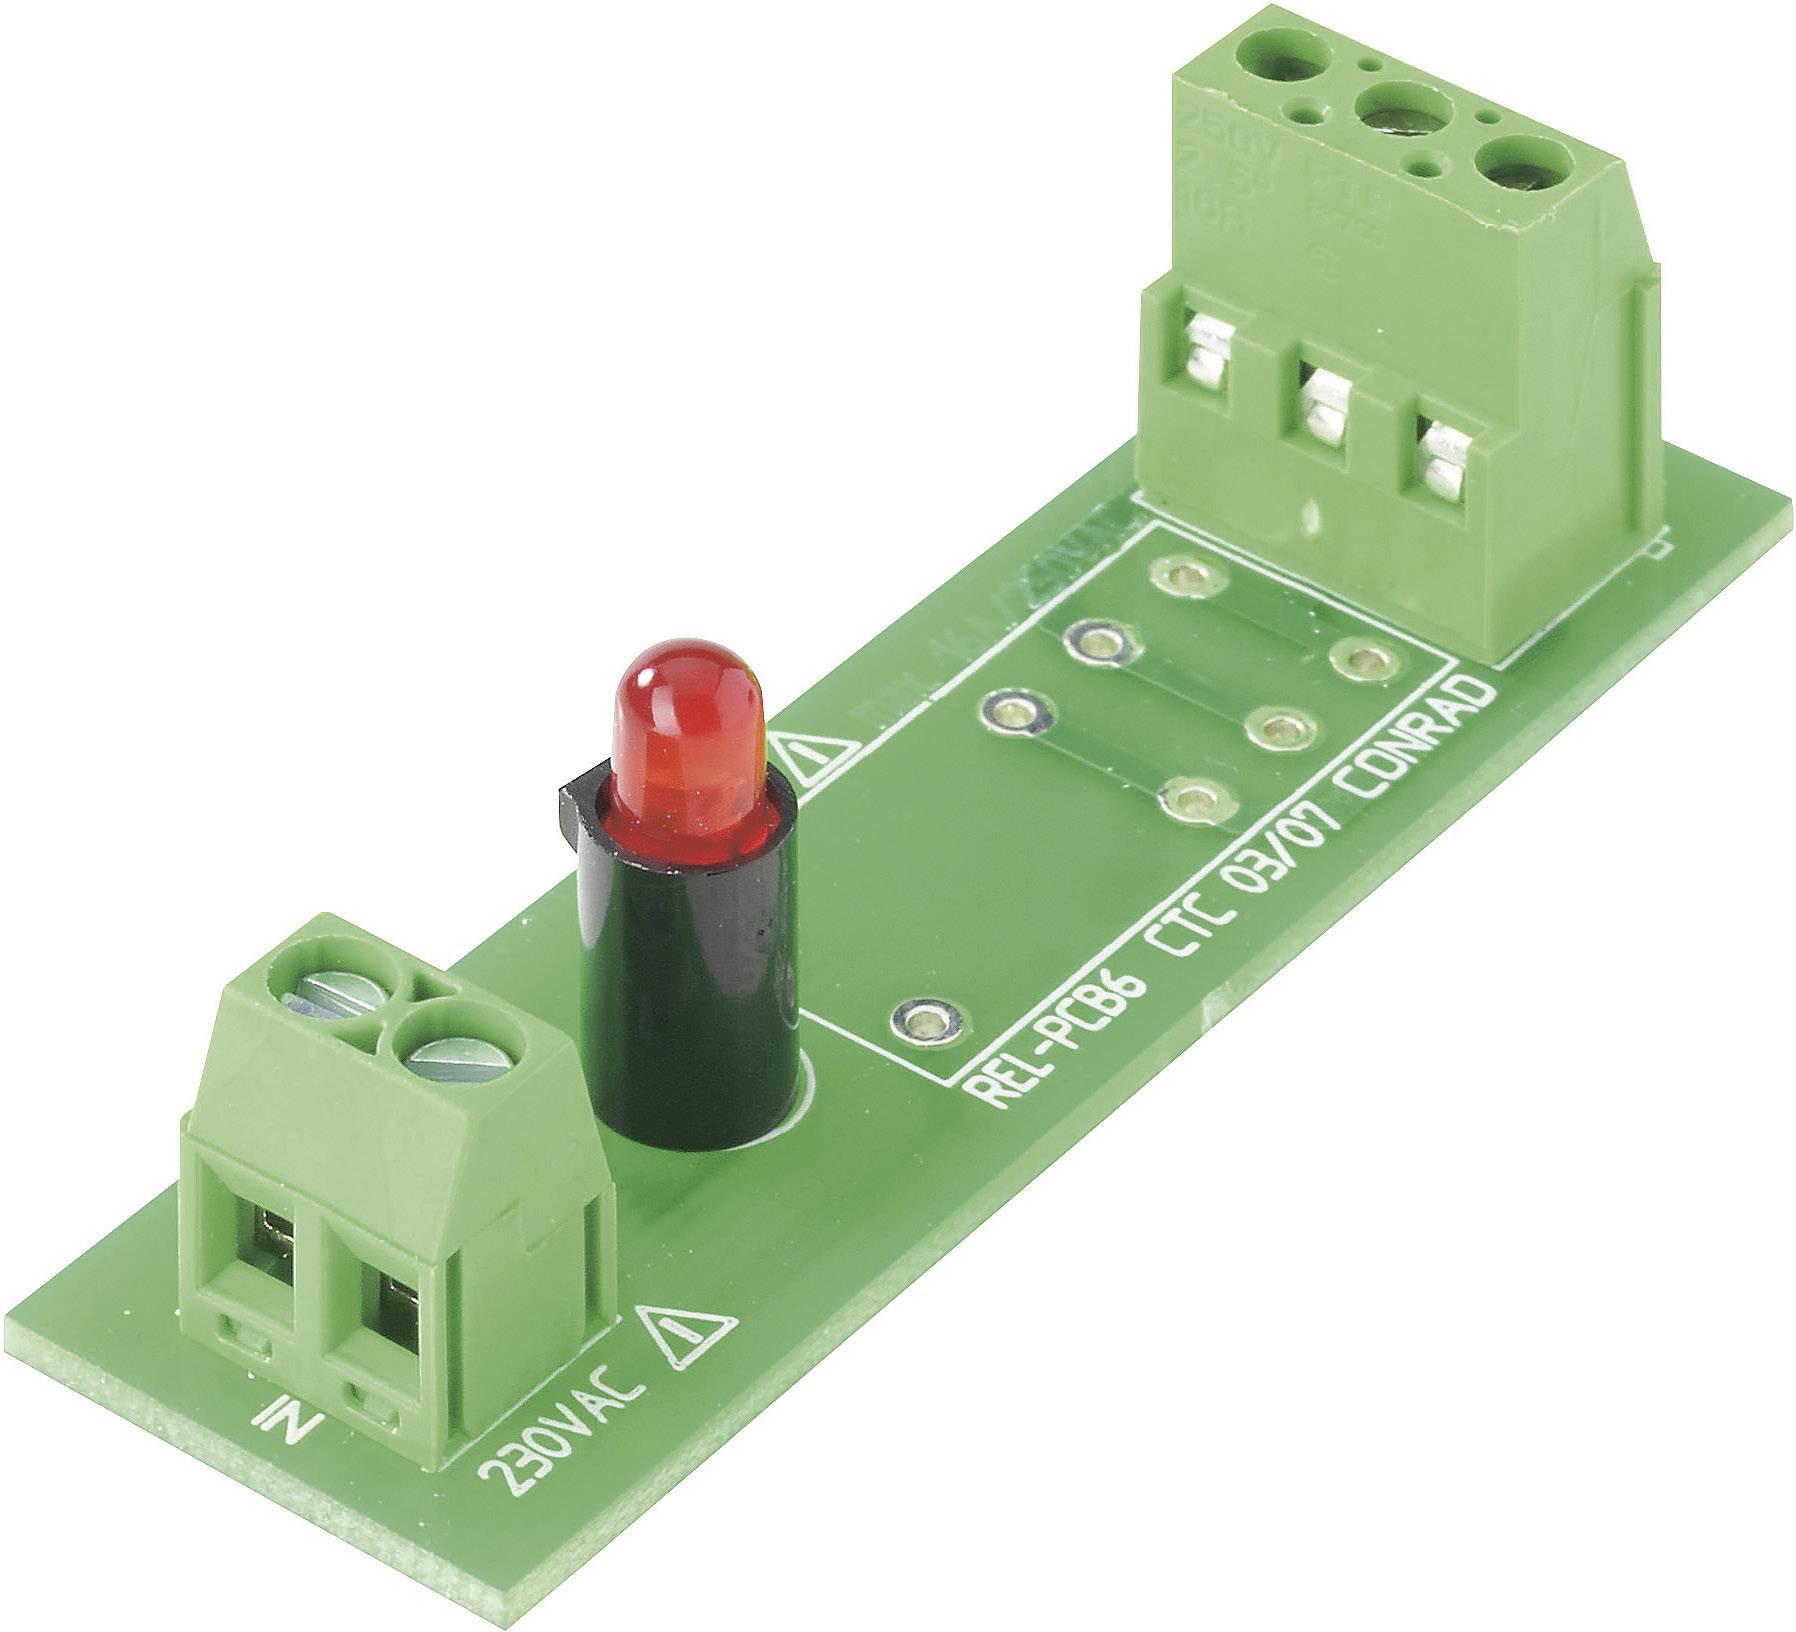 Deska relé REL-PCB6 0, bez relé, 230 VAC